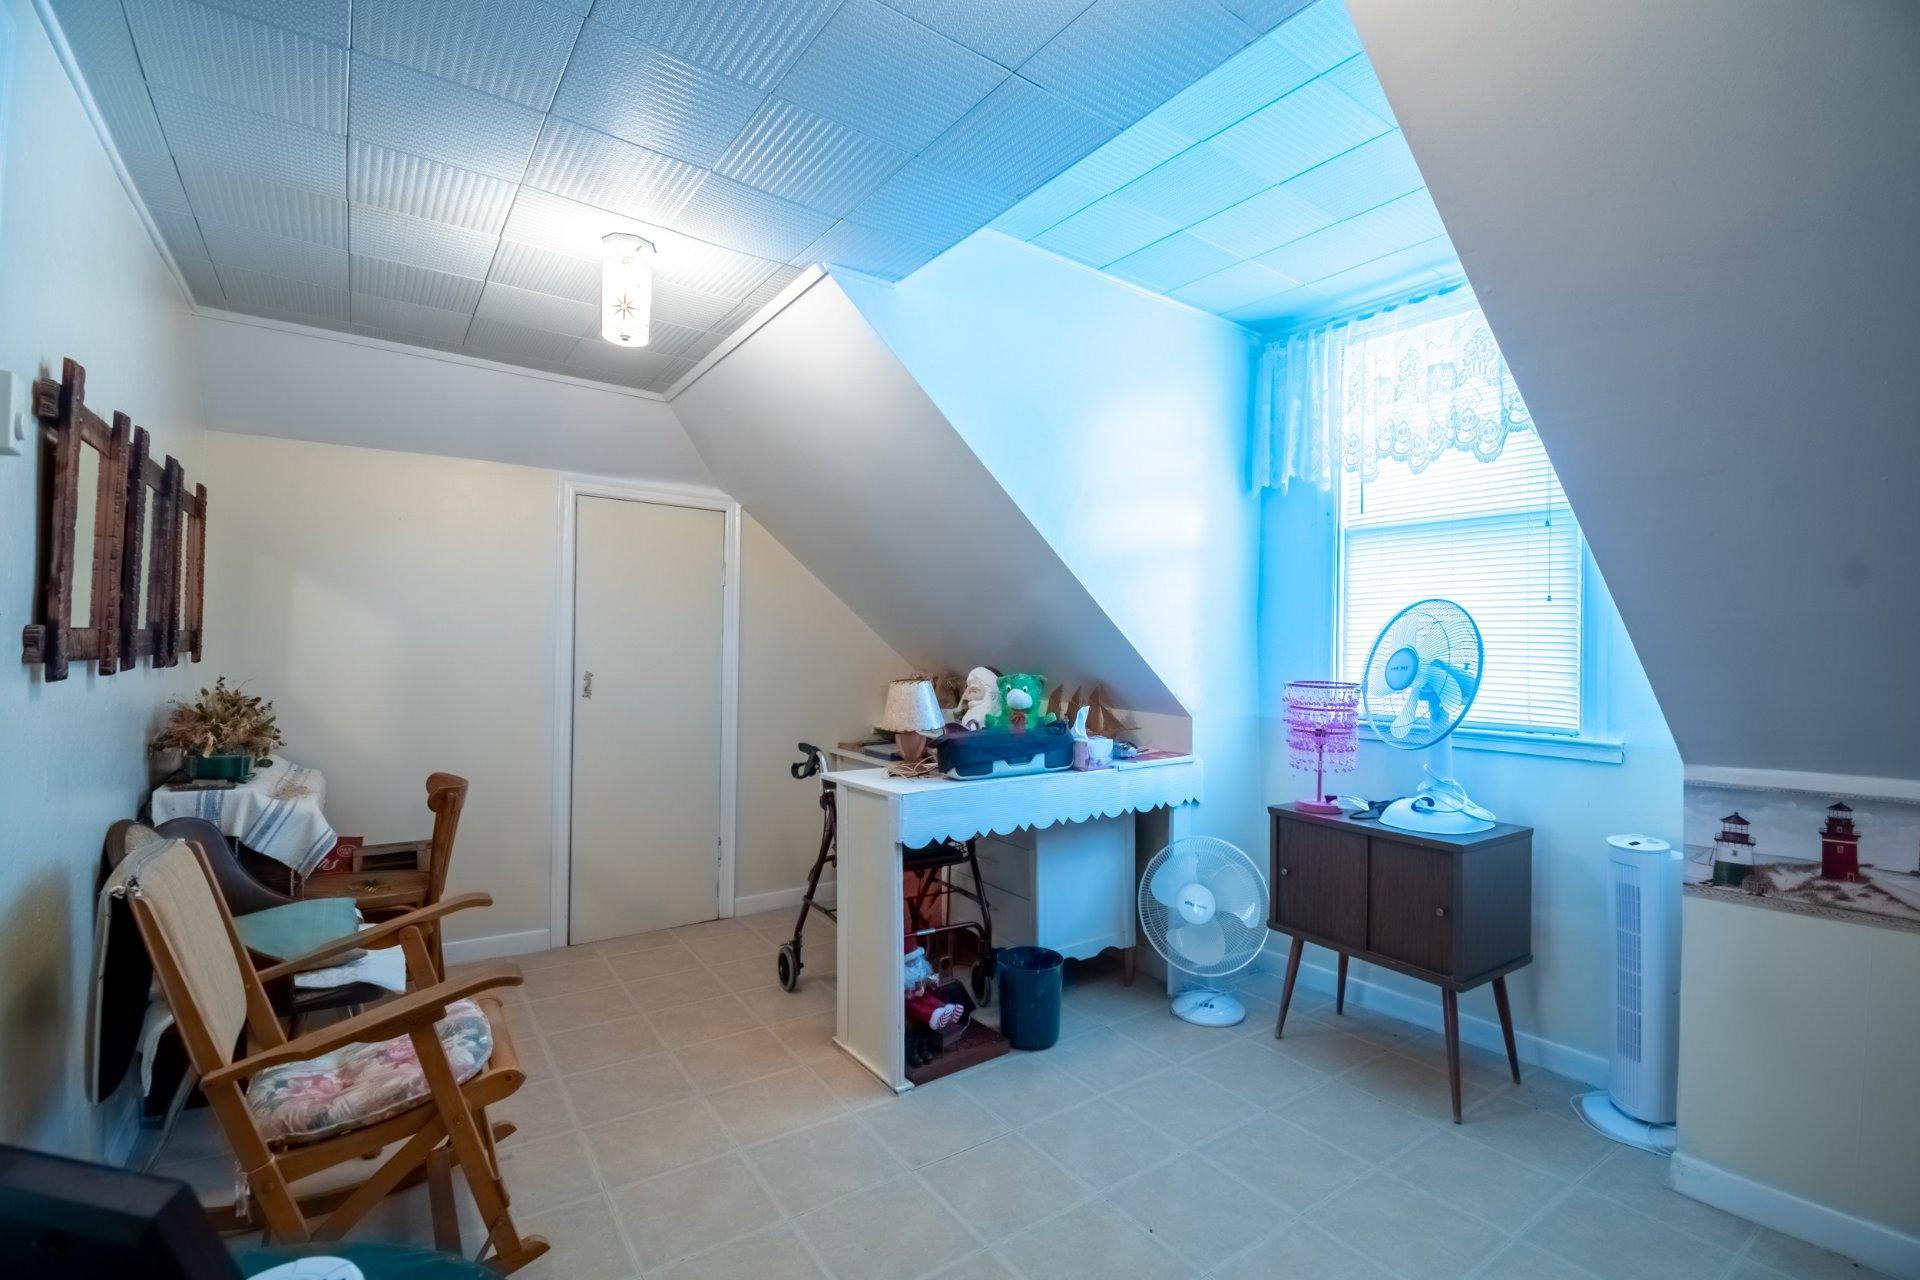 image 14 - Maison À vendre Trois-Rivières - 10 pièces